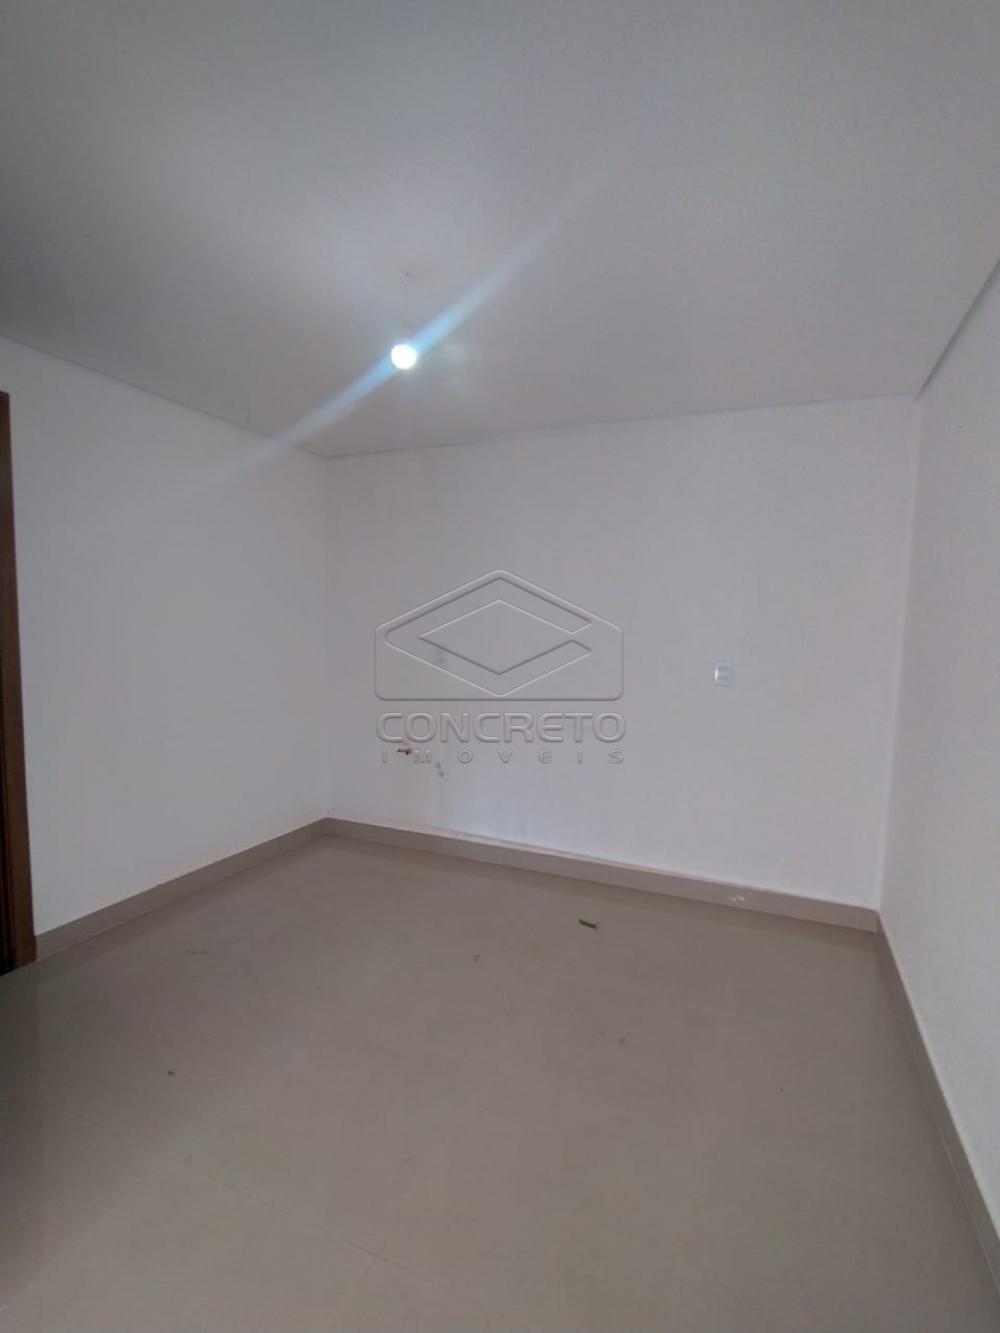 Alugar Comercial / Salão em Bauru R$ 650,00 - Foto 5